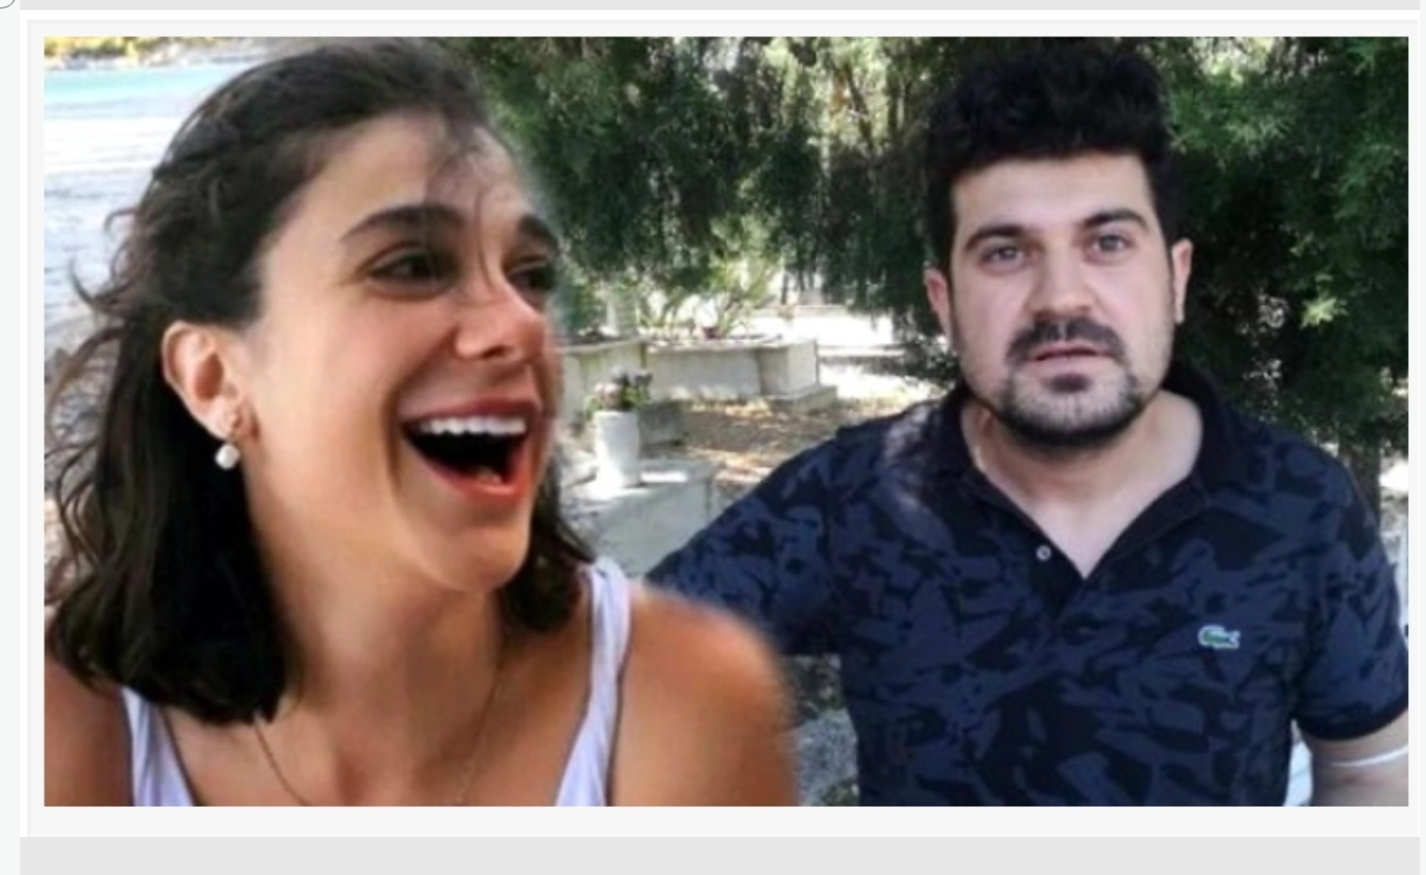 """Canice Öldürülen Pınar'ın Abisi Konuştu: """"Bu Yüzden Öldürüldü"""" Dedi!"""